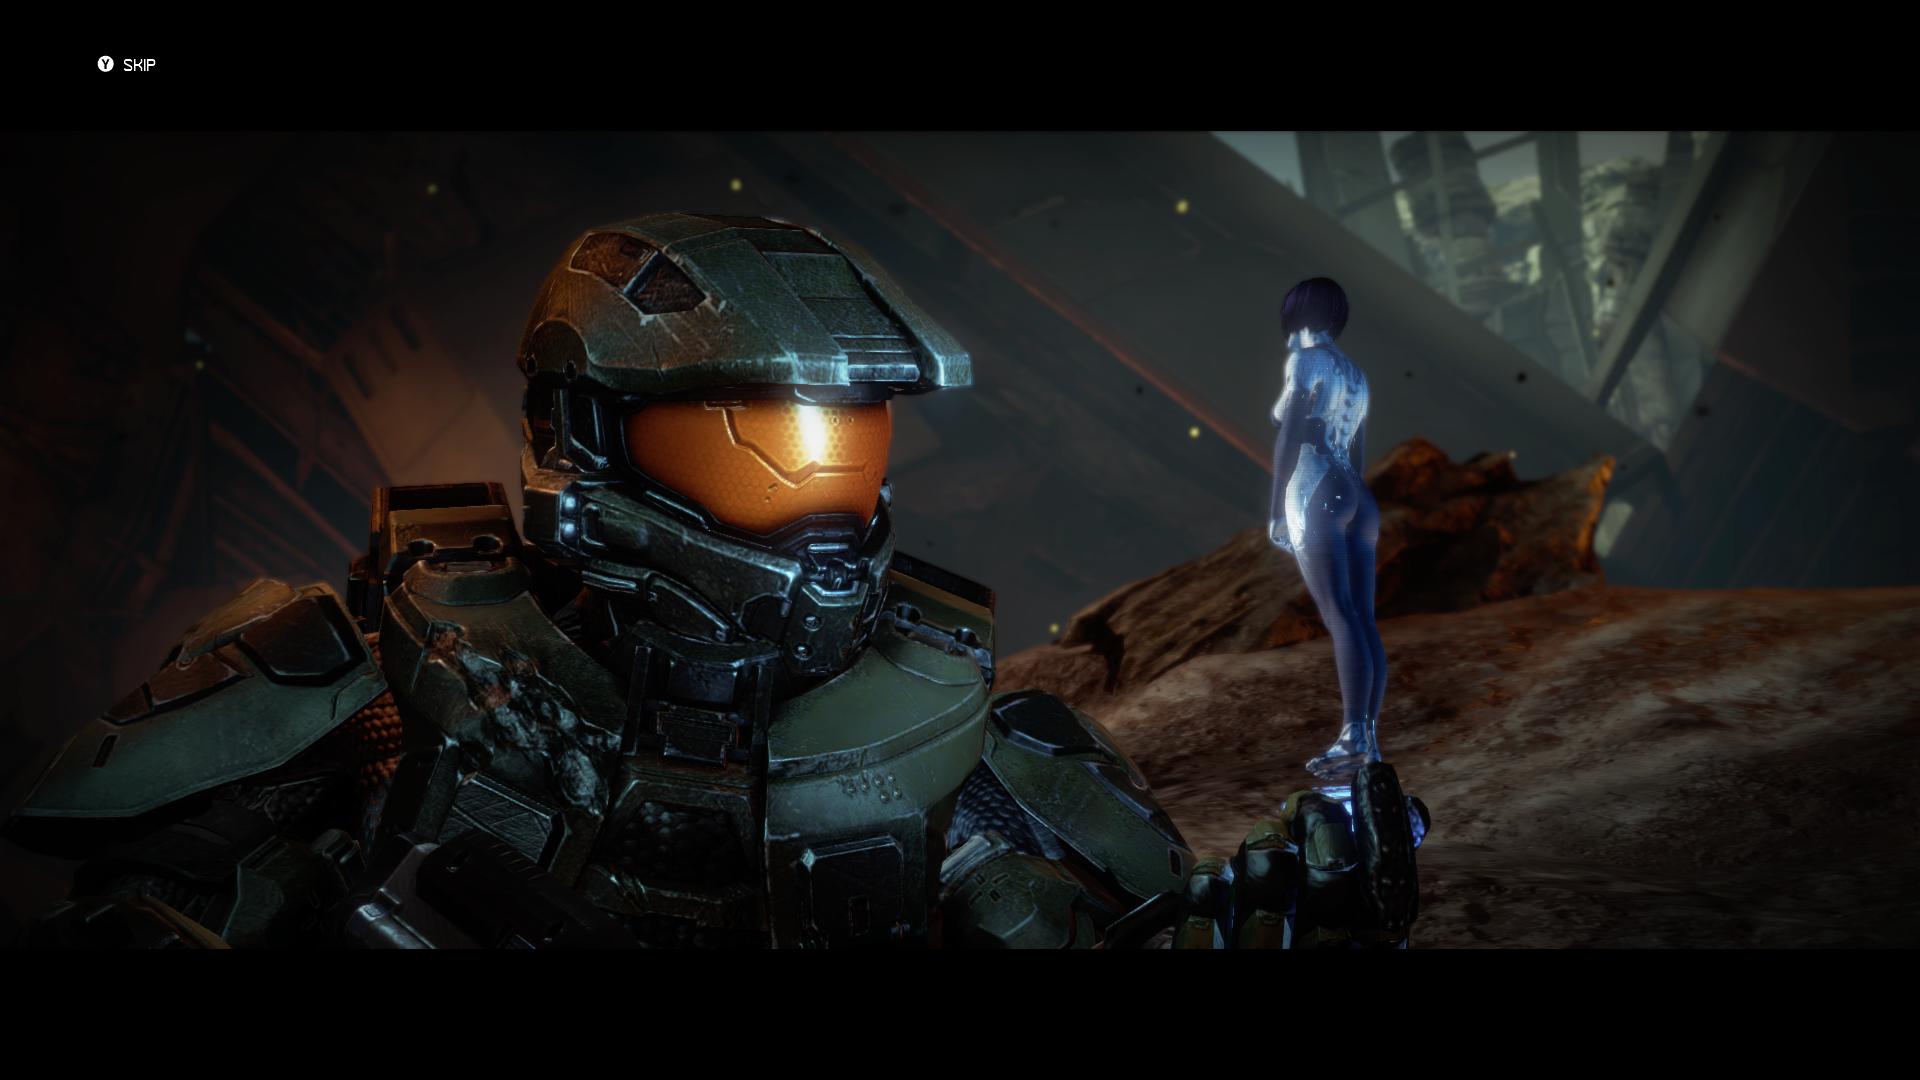 Halo 5 cortana porno naked photo